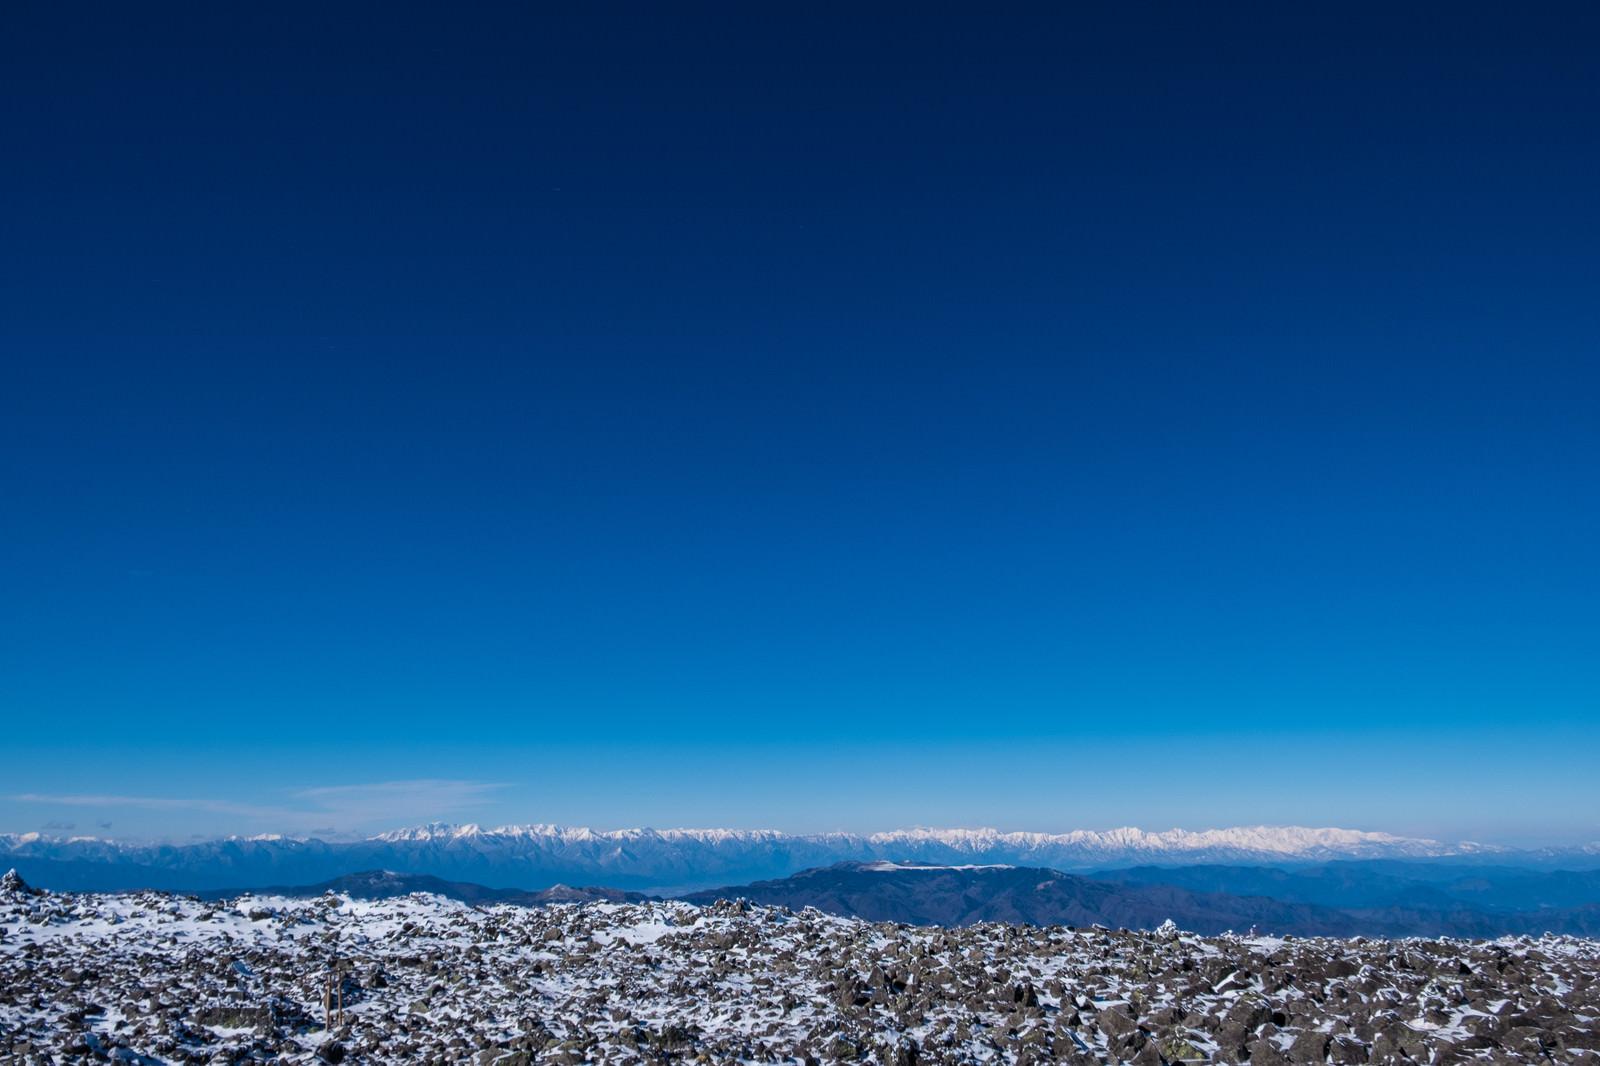 「蓼科山から見たどこまでも広がる八ヶ岳ブルー」の写真